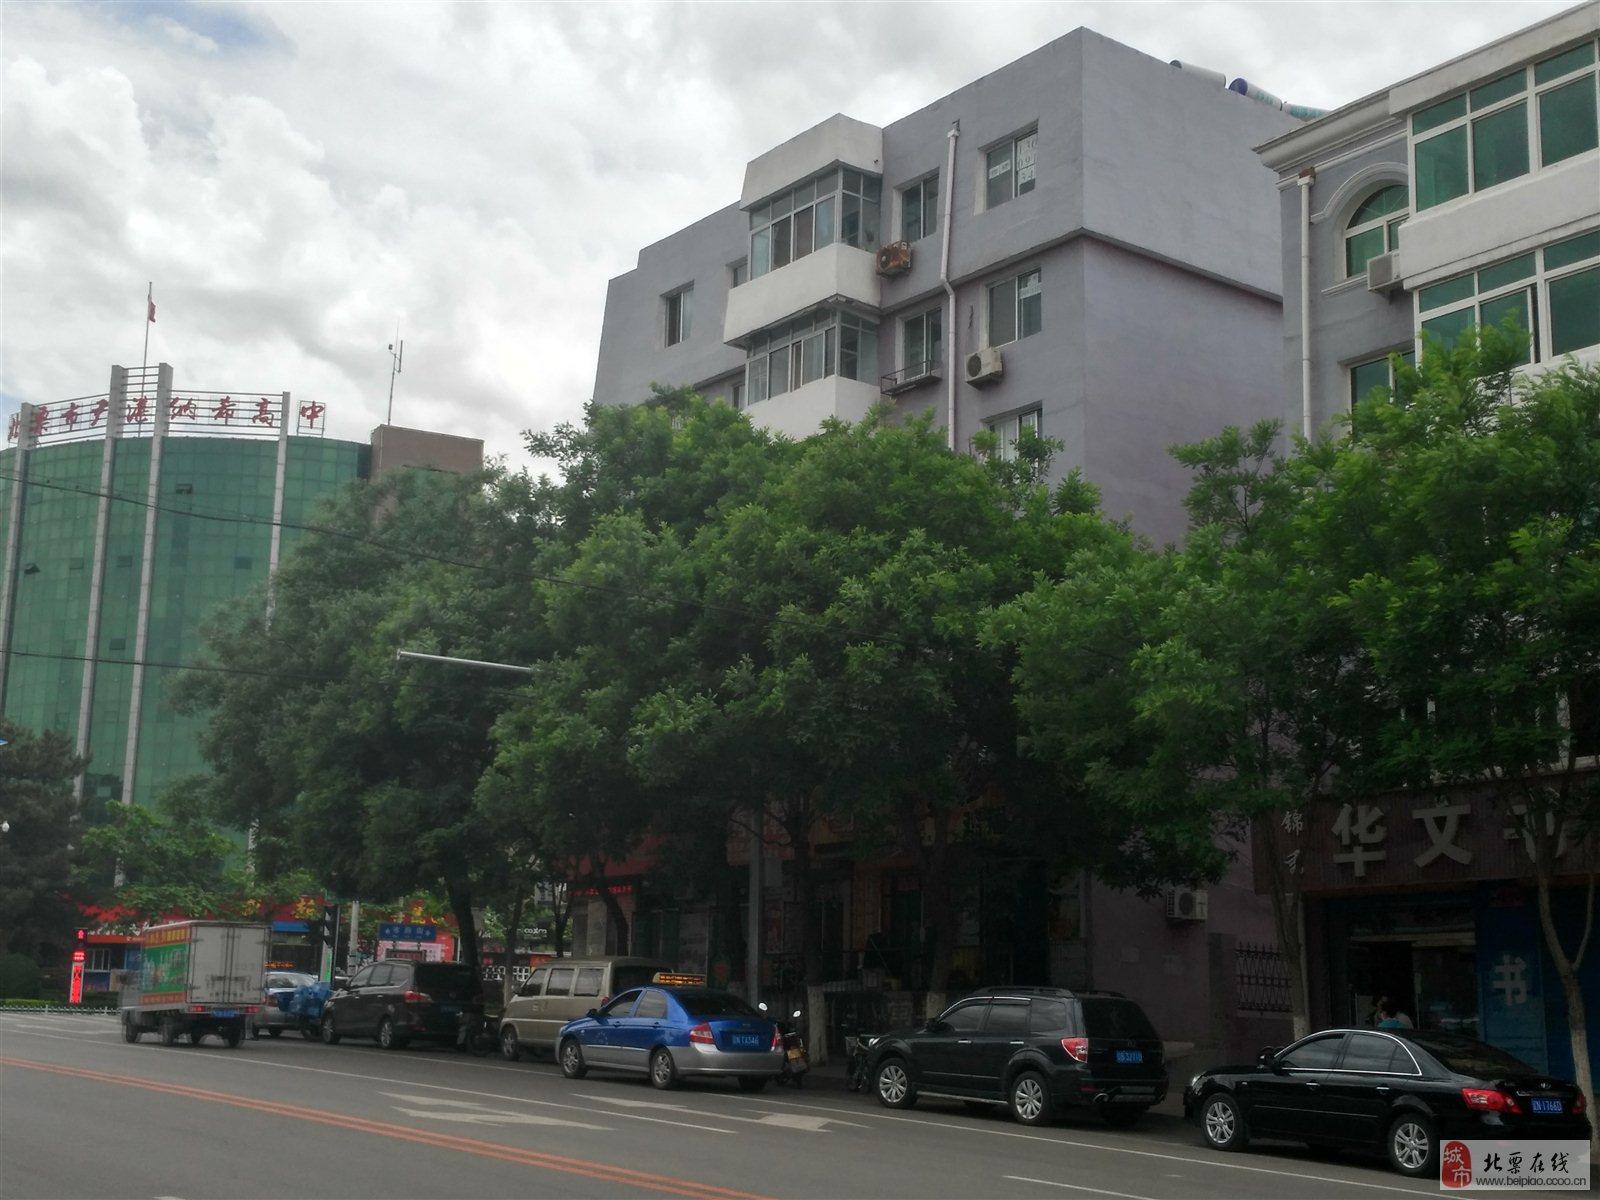 市府街煤专交警队住宅楼2室2厅1卫